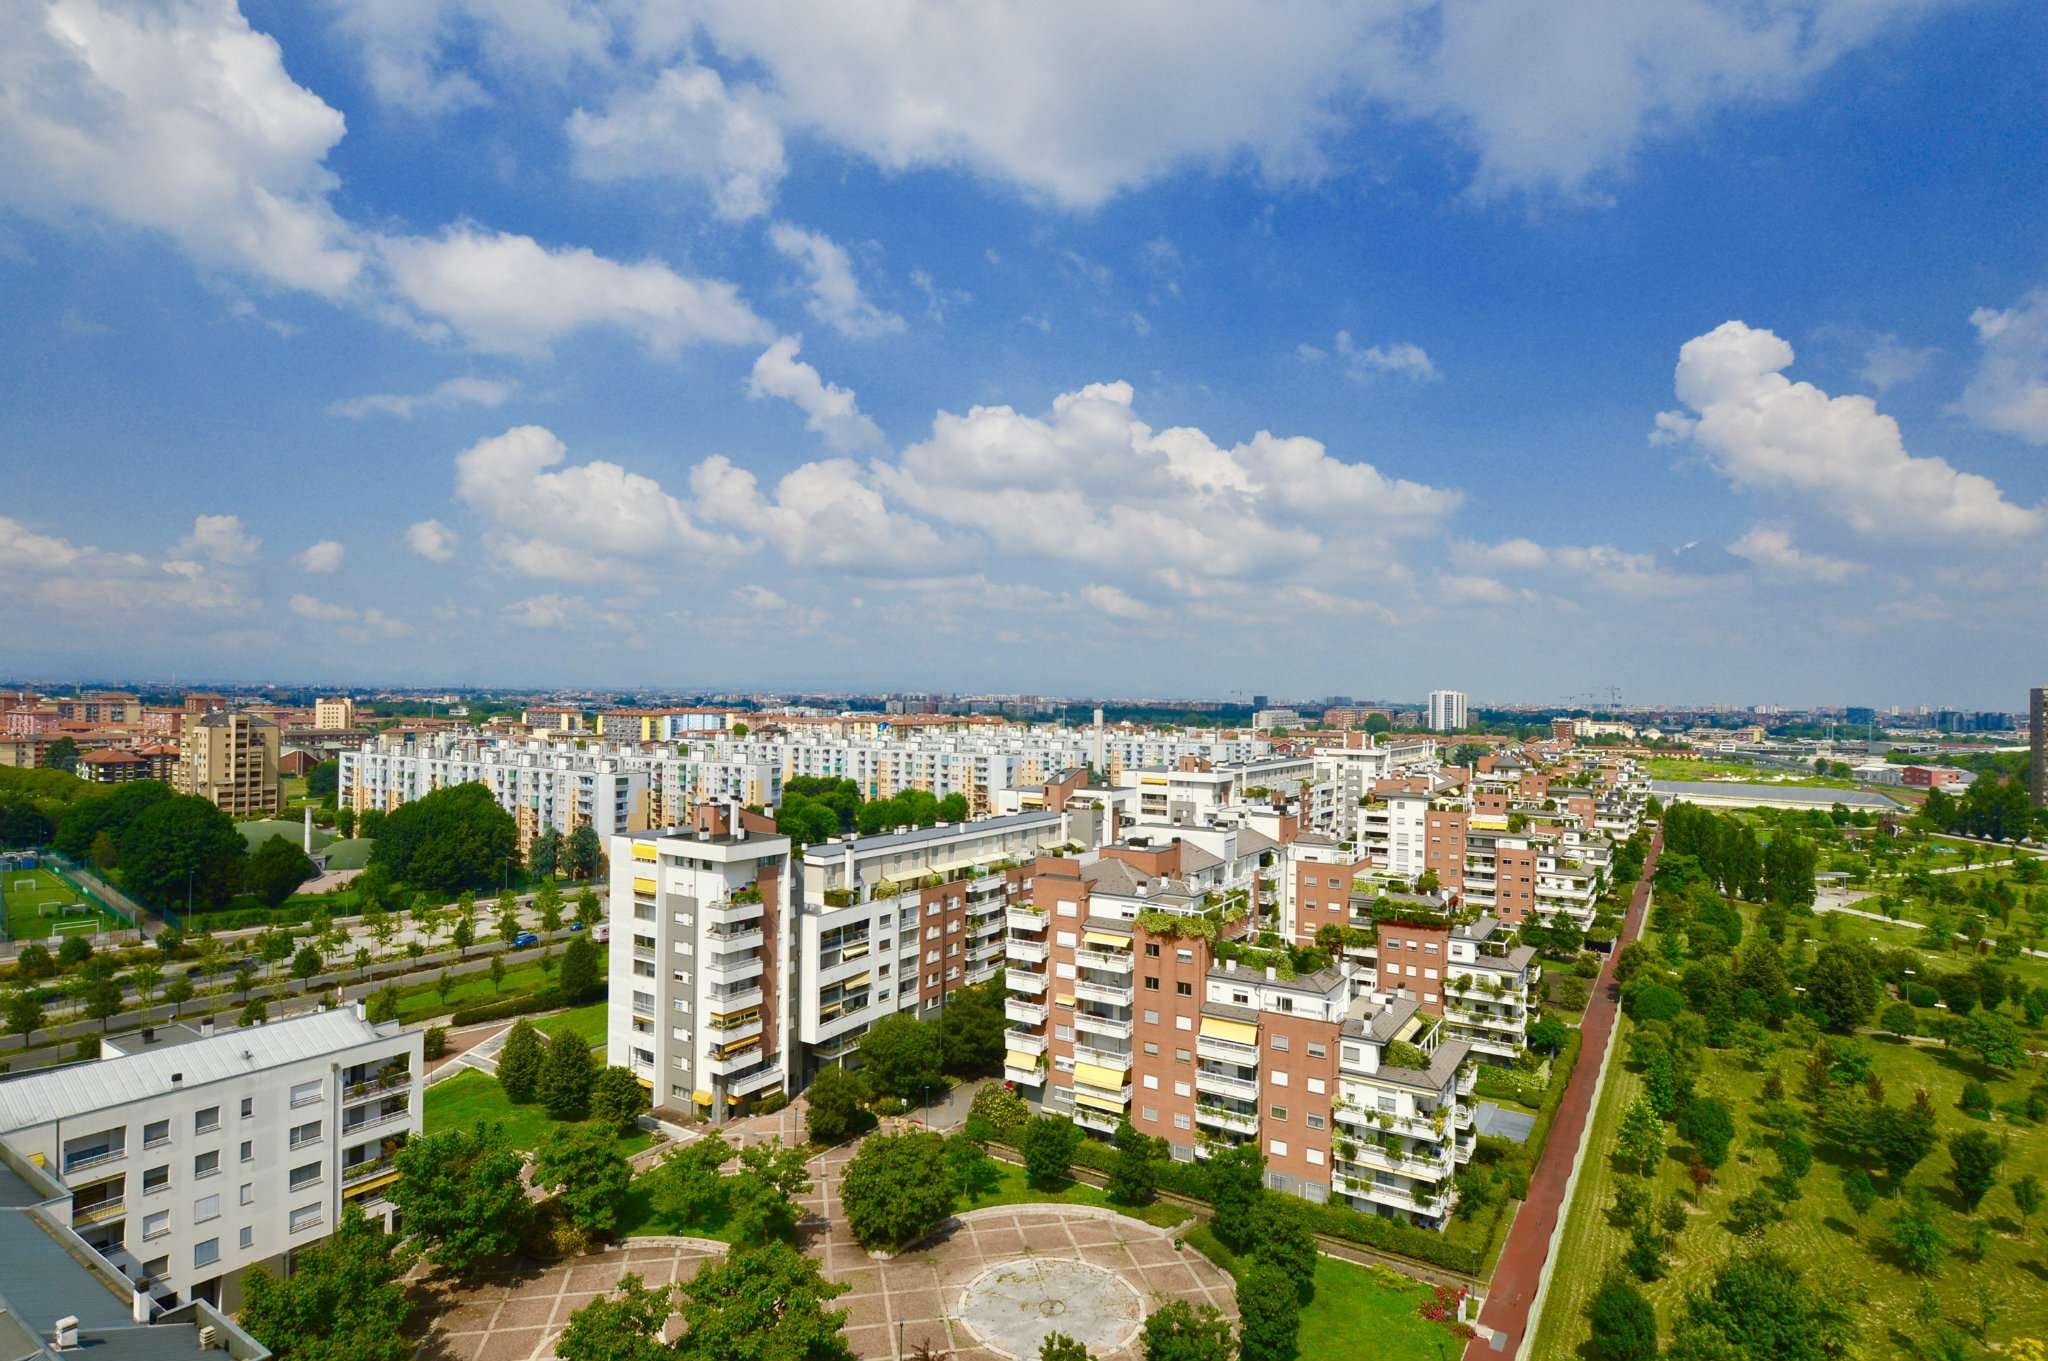 Appartamento in Vendita a Milano 29 Certosa / Bovisa / Dergano / Maciachini / Istria / Testi: 3 locali, 102 mq